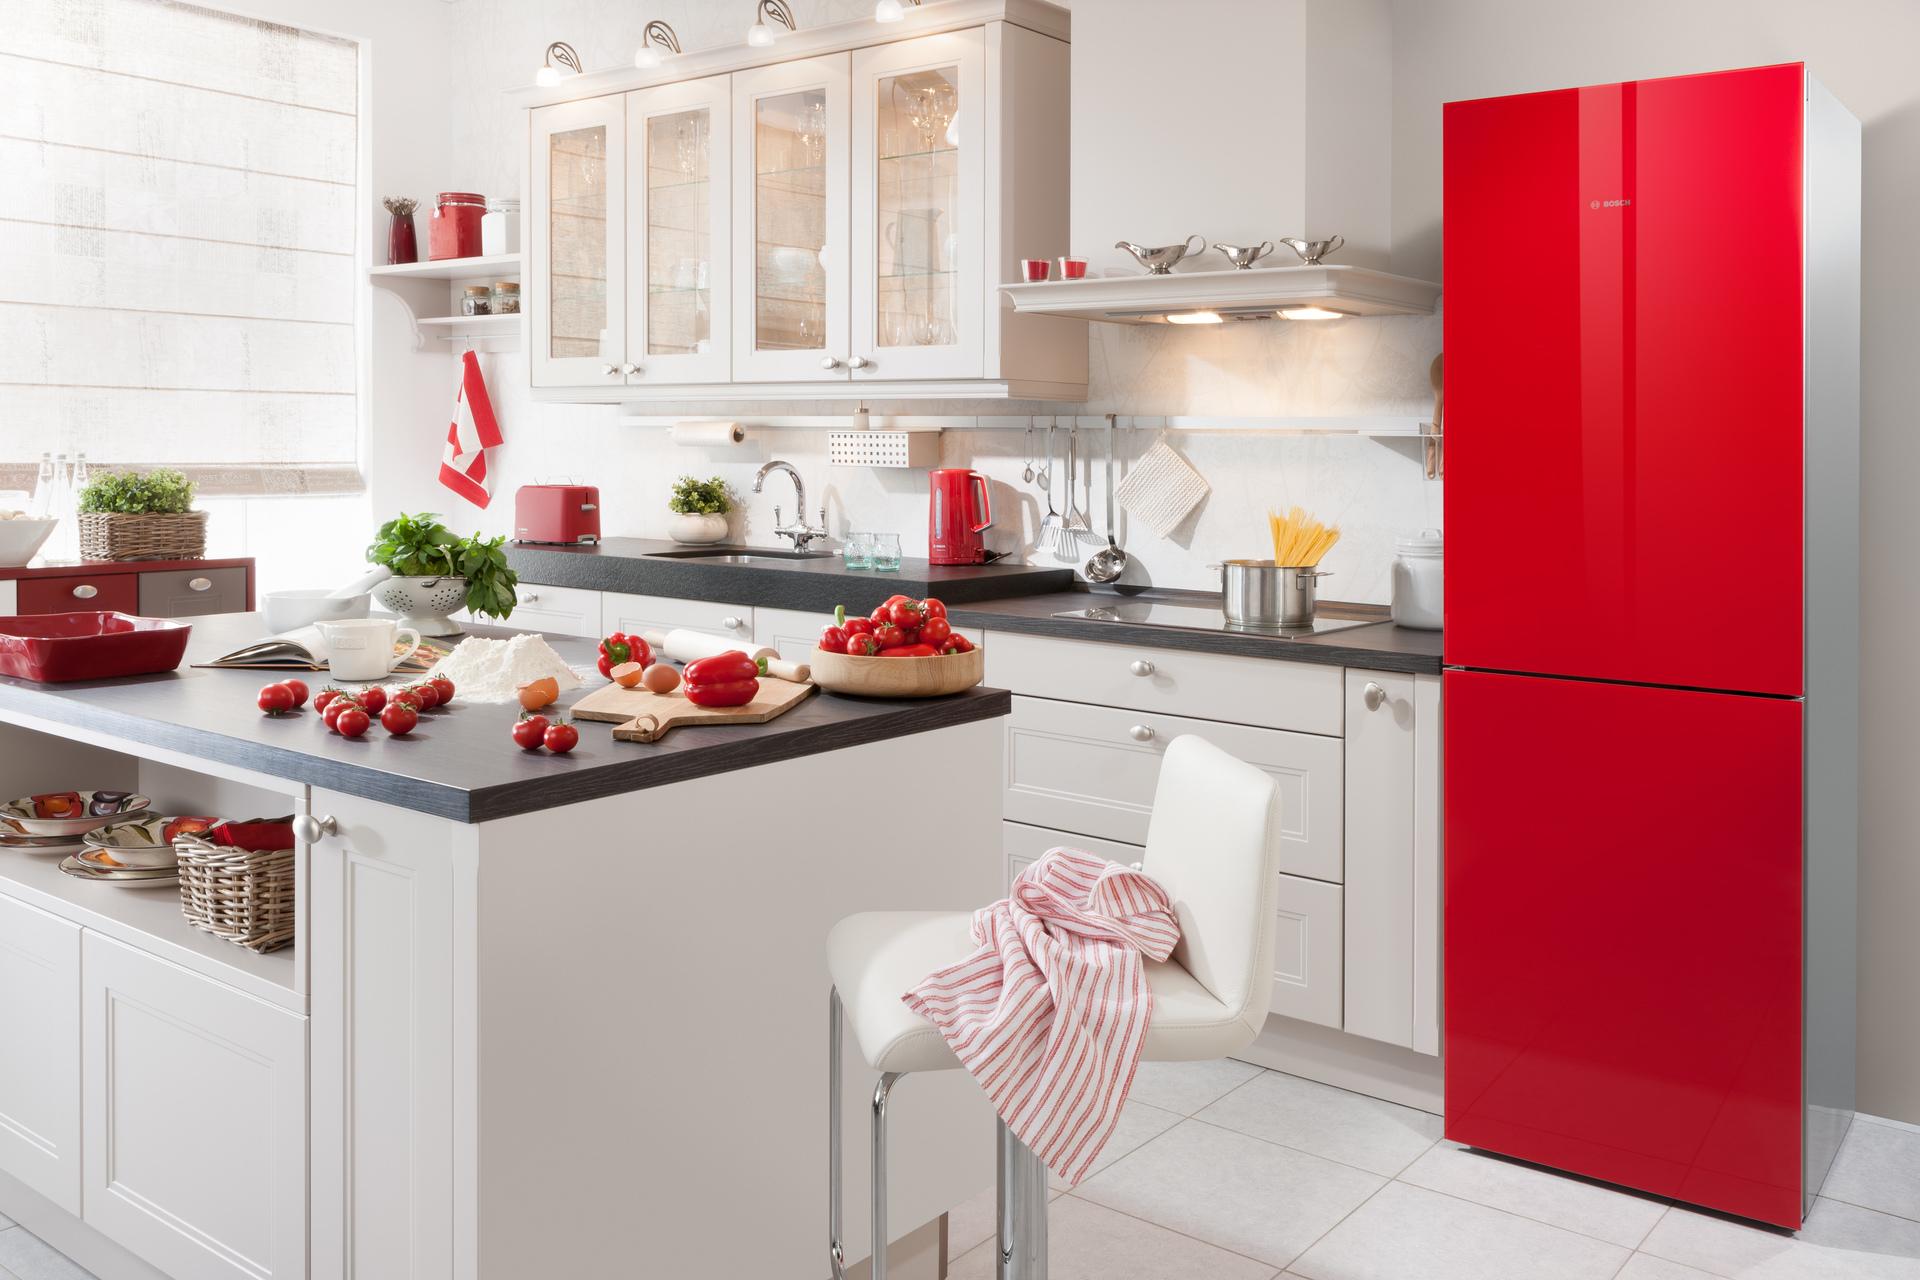 Красные холодильники из стекла - BOSCH в Краснодаре - официальный лицензионный товар, интернет-магазин с гарантией